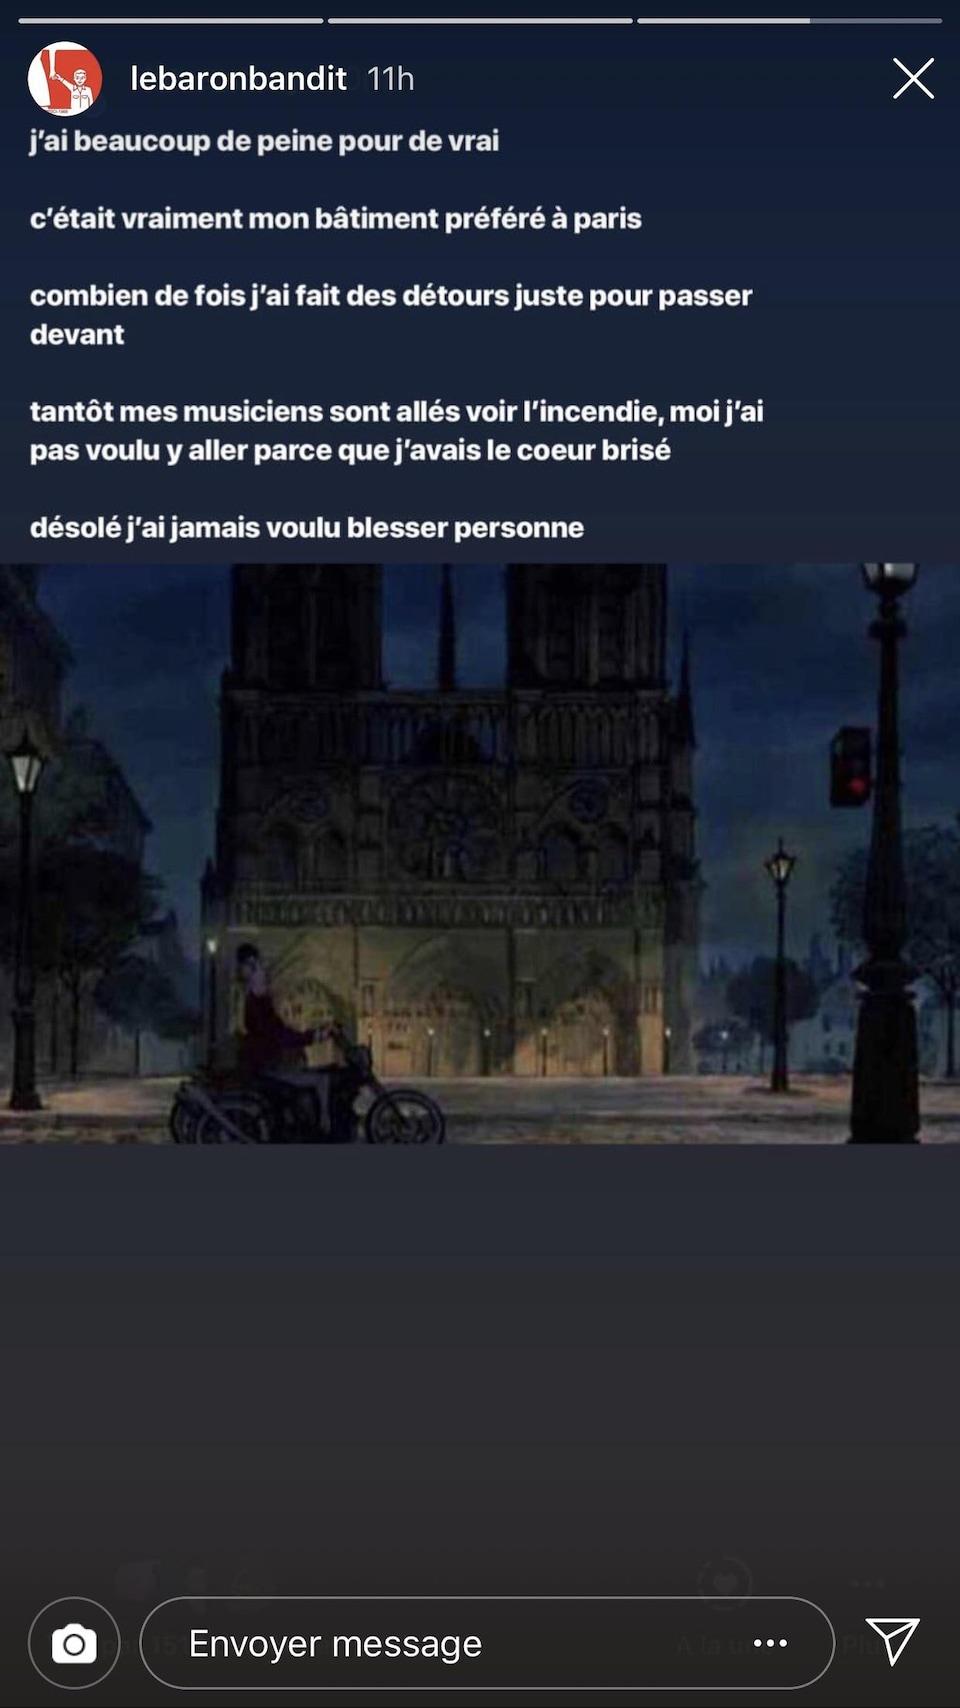 Capture d'écran de la publication Instagram d'Hubert Lenoir